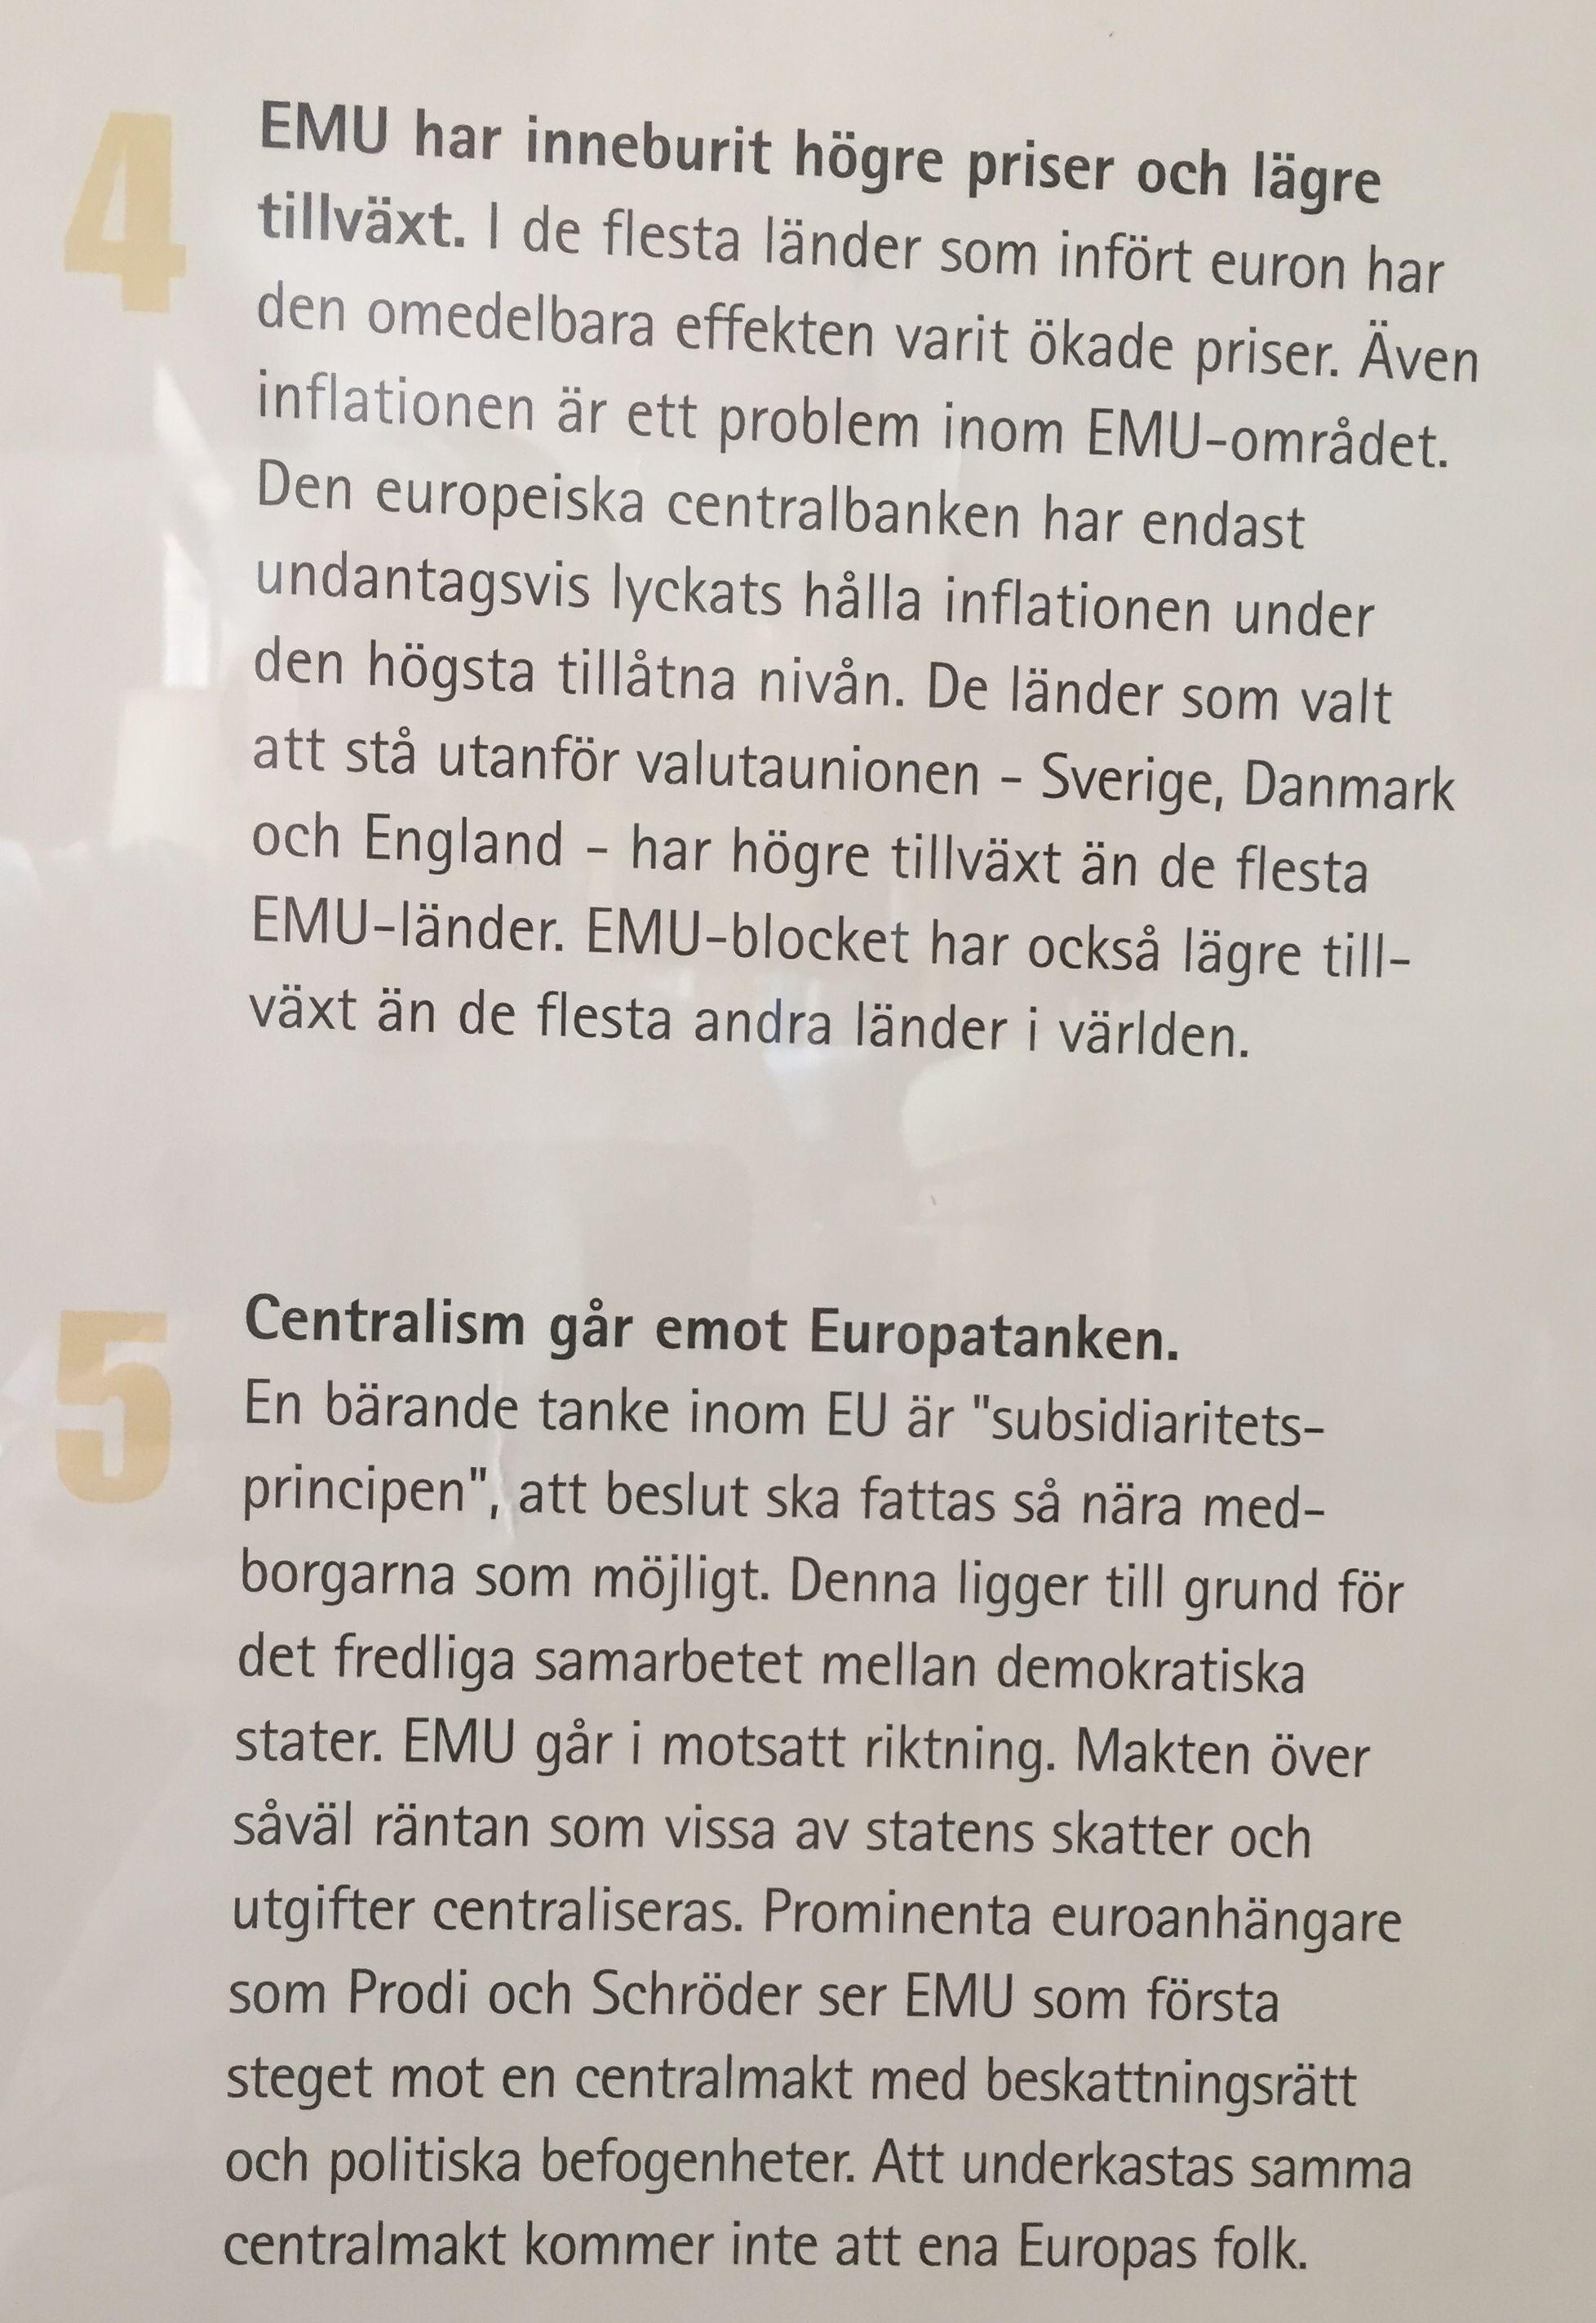 Svenskar fortsatt emu skeptiska